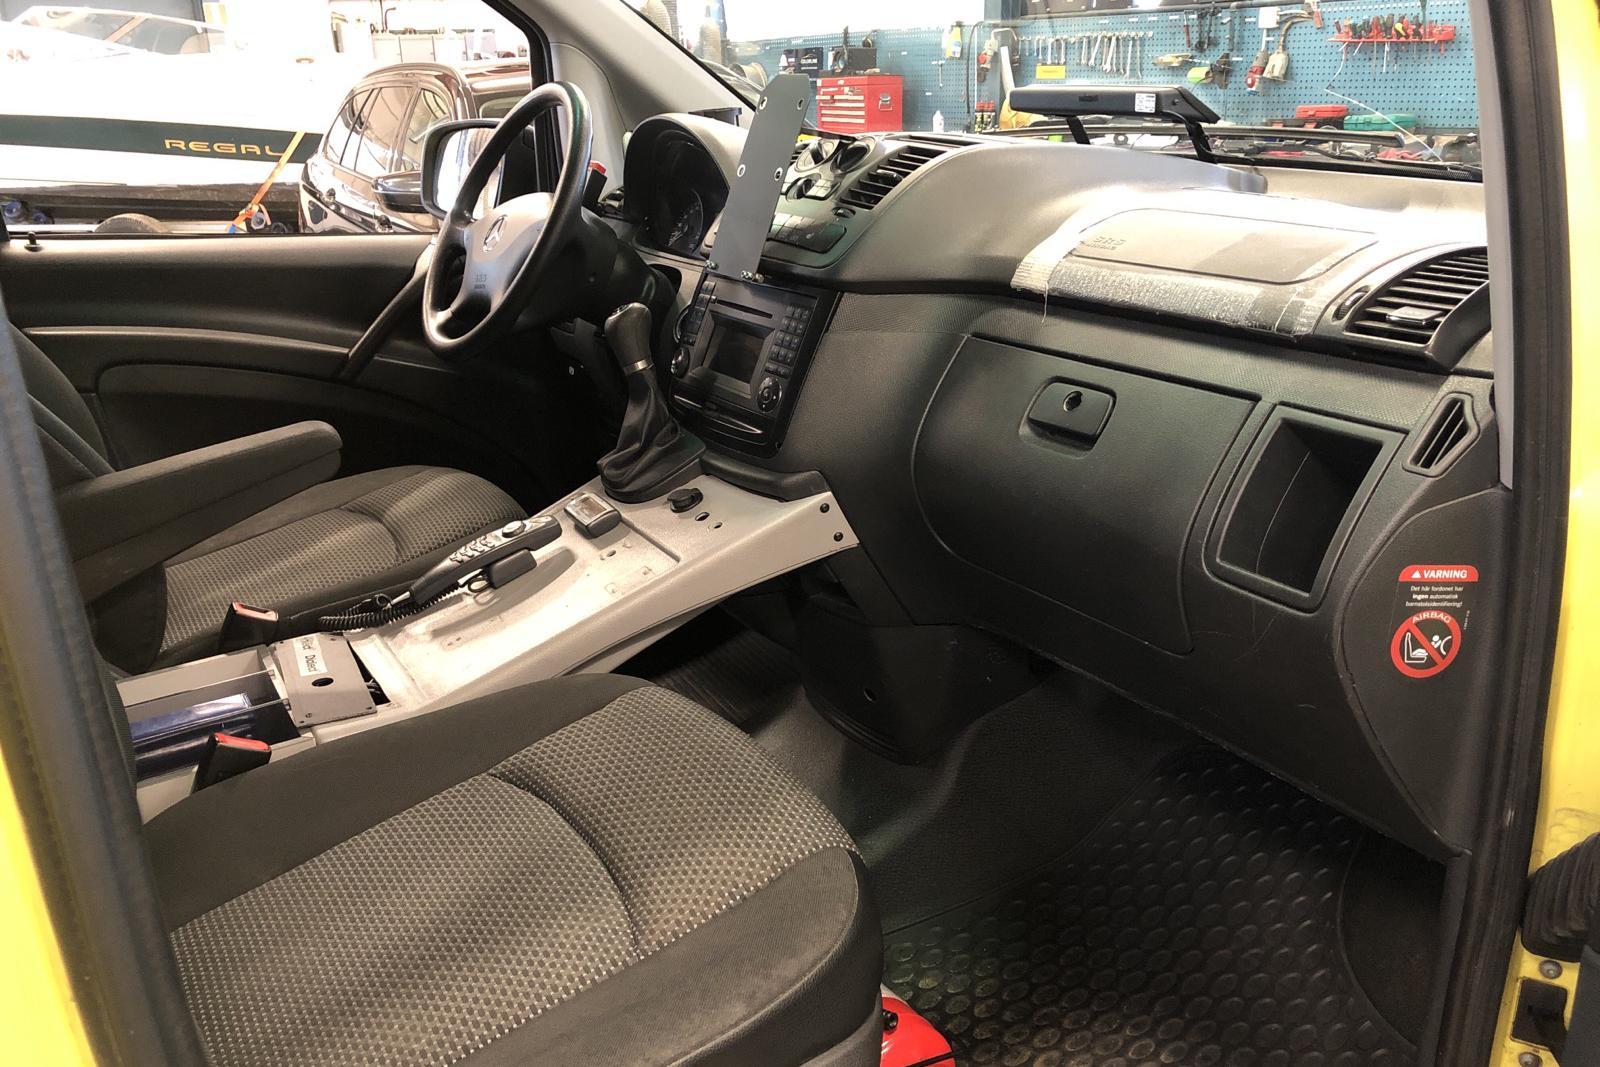 Mercedes Vito 116 CDI 4x4 W639 (163hk) - 46 078 mil - Automat - gul - 2014